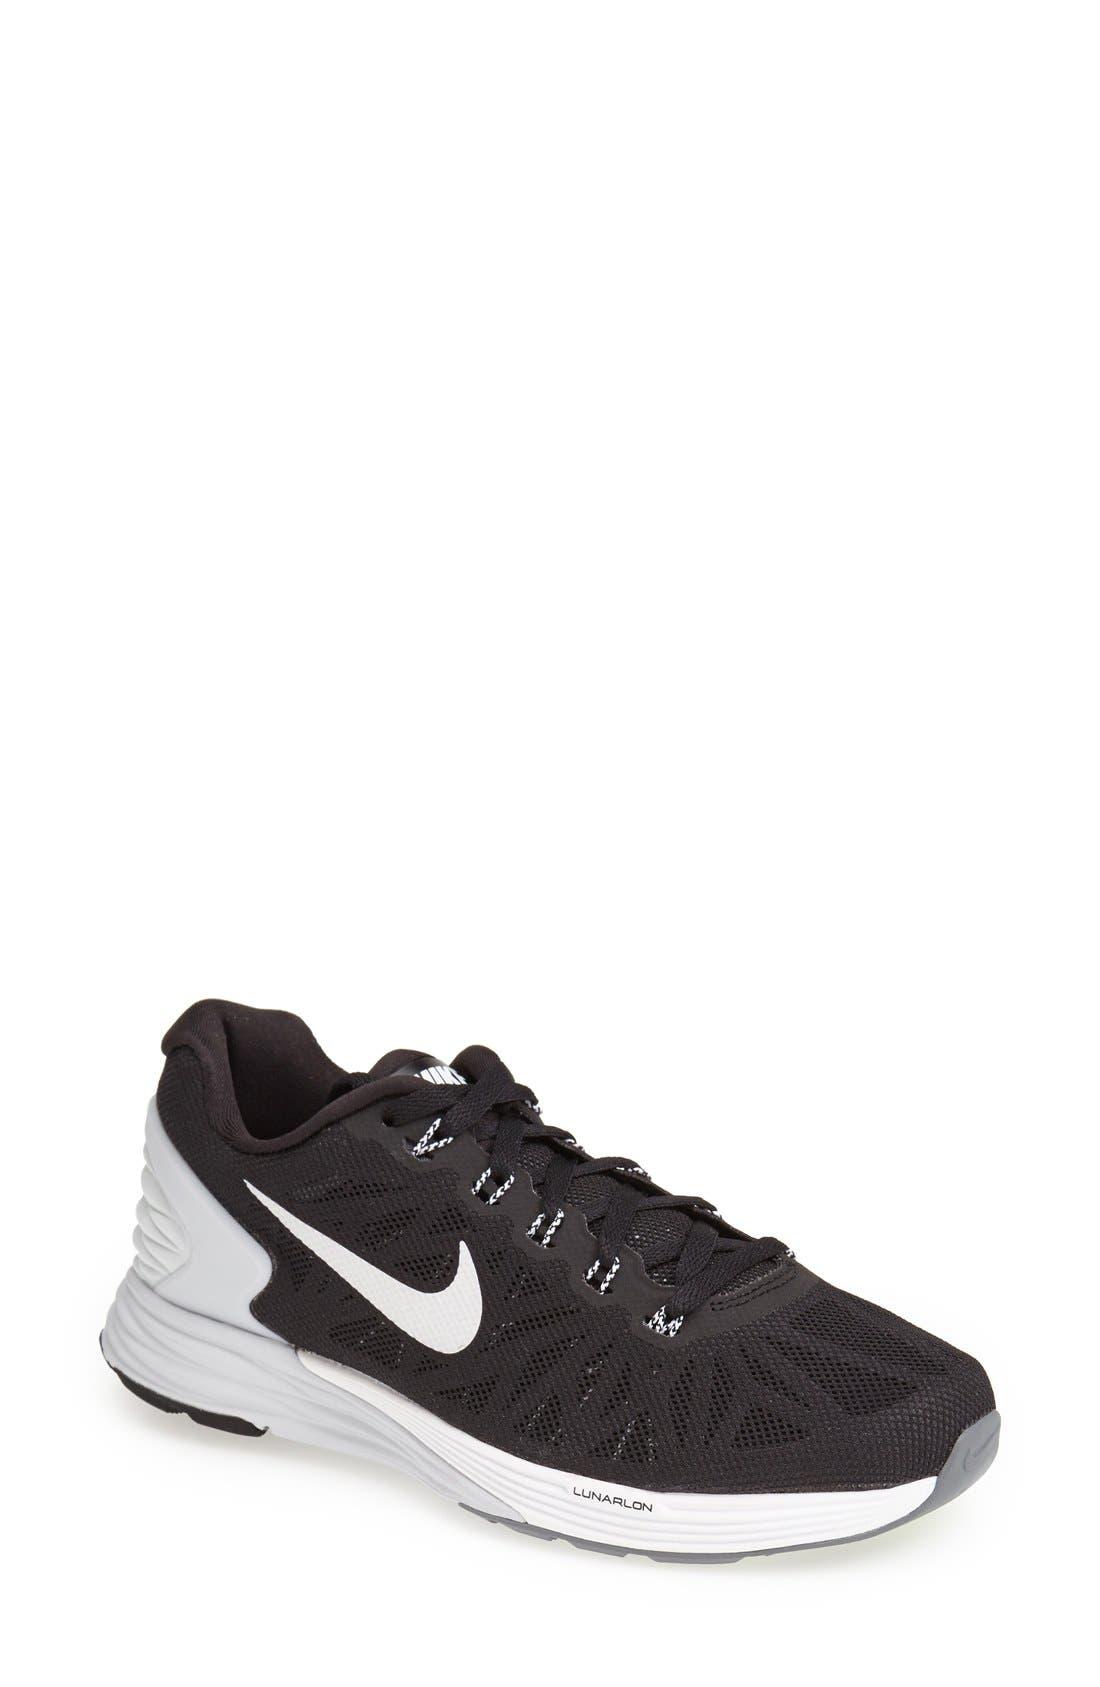 Alternate Image 1 Selected - Nike 'Lunarglide 6' Running Shoe (Women)